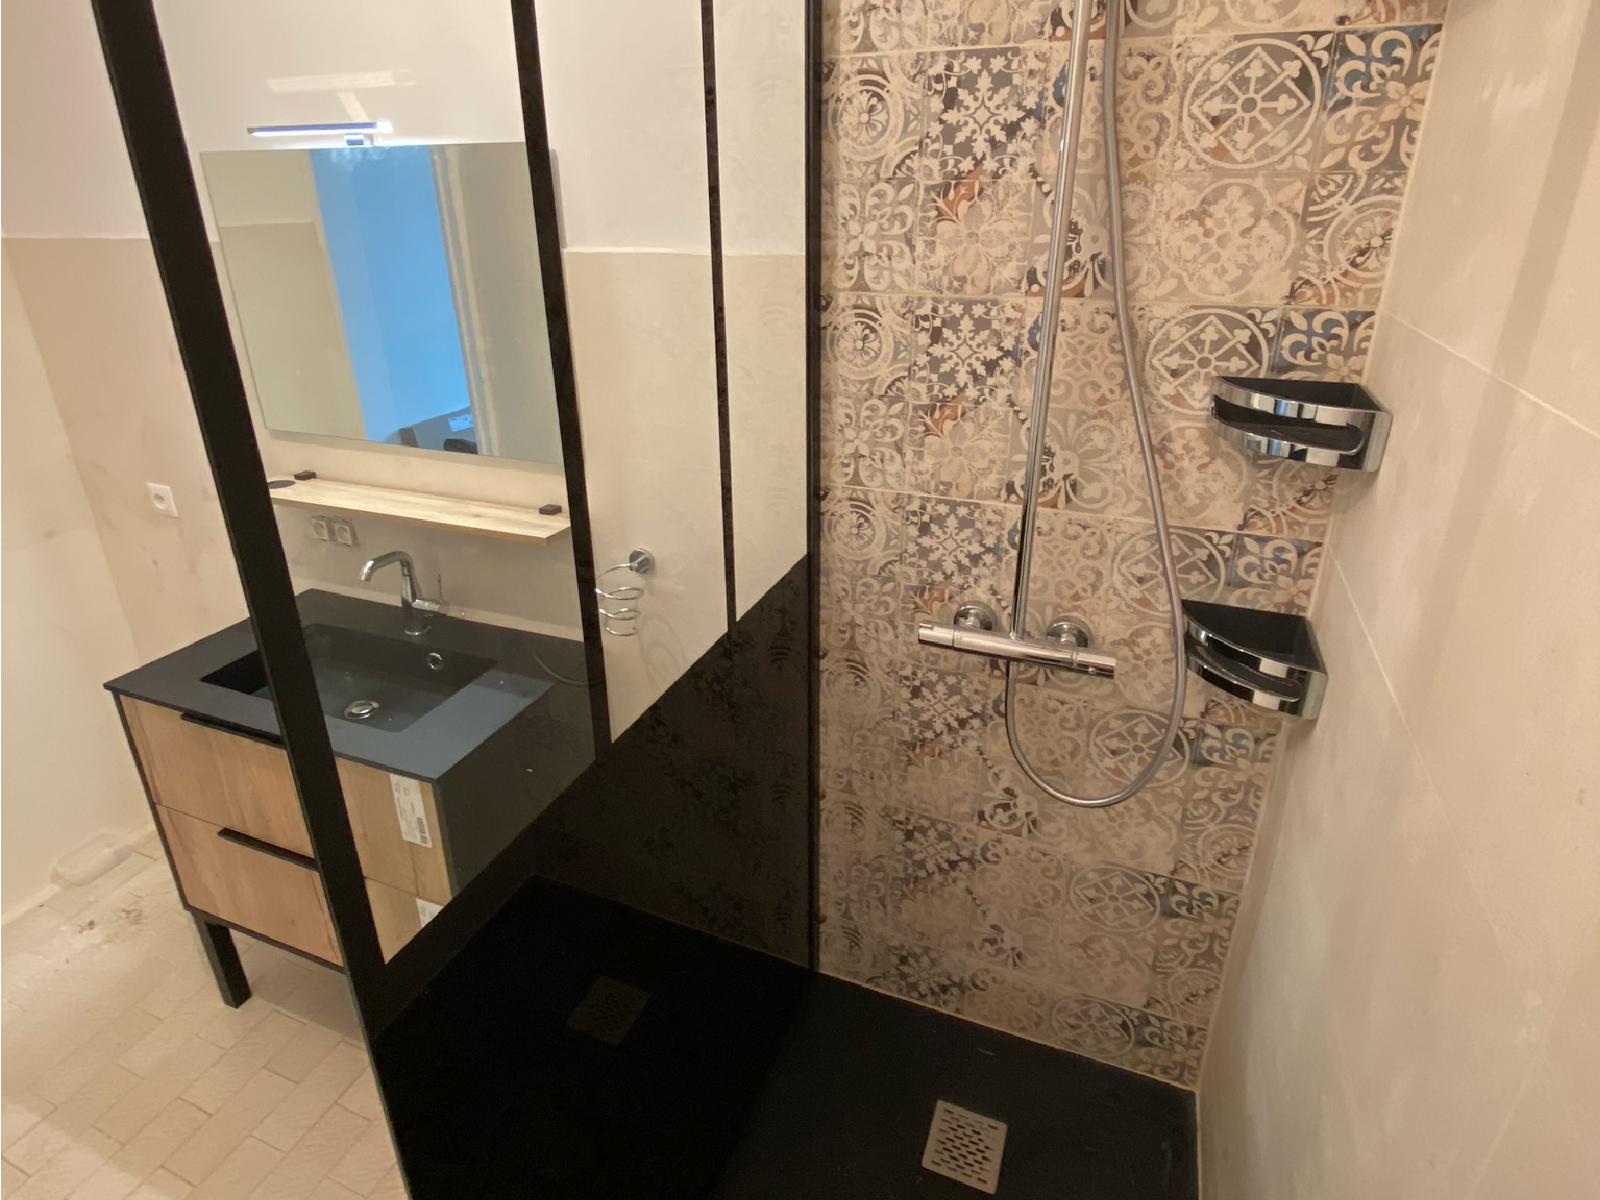 réalisation travaux plomberie sanitaire sur salle de bain